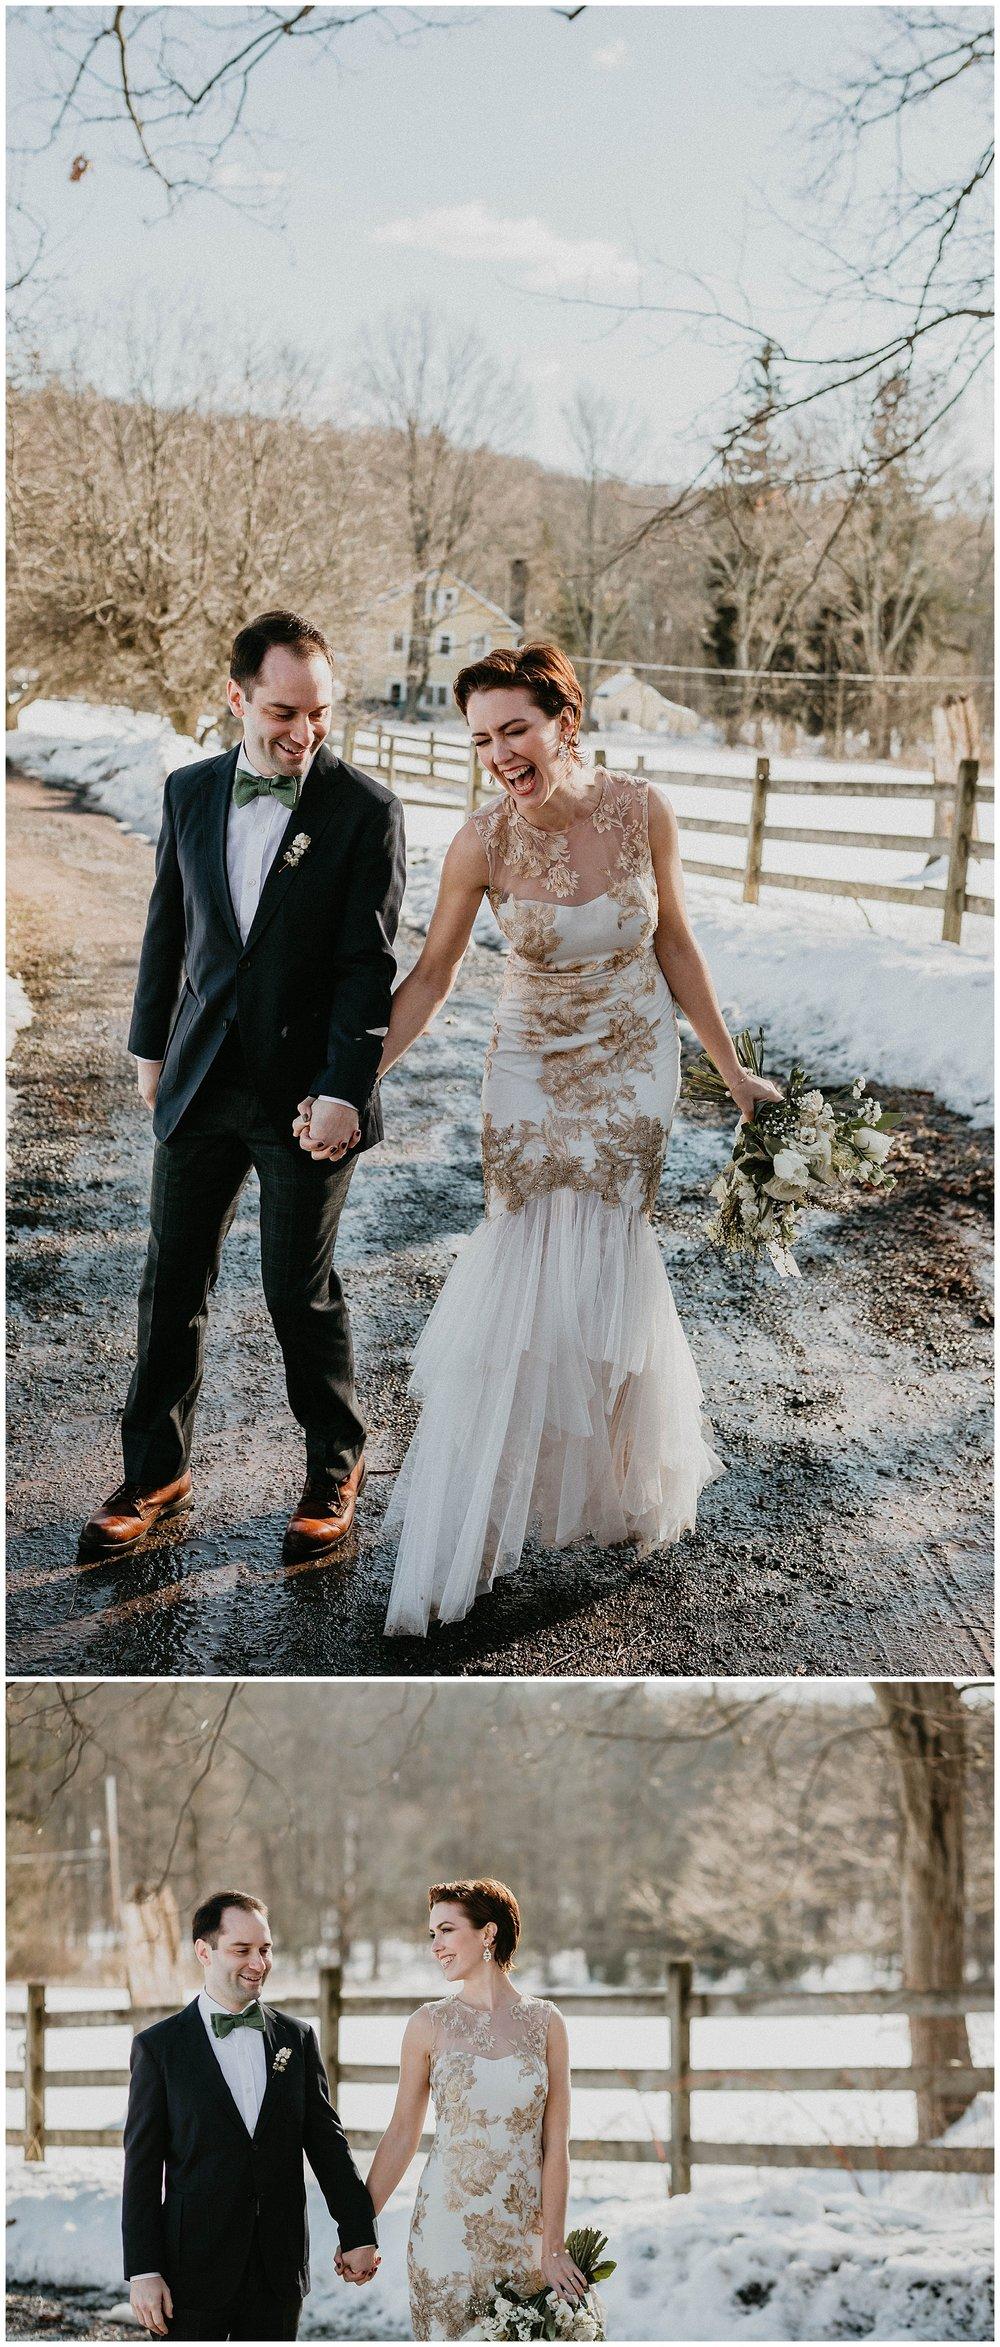 Pocono Winter Wedding with Bride and Groom_0145.jpg